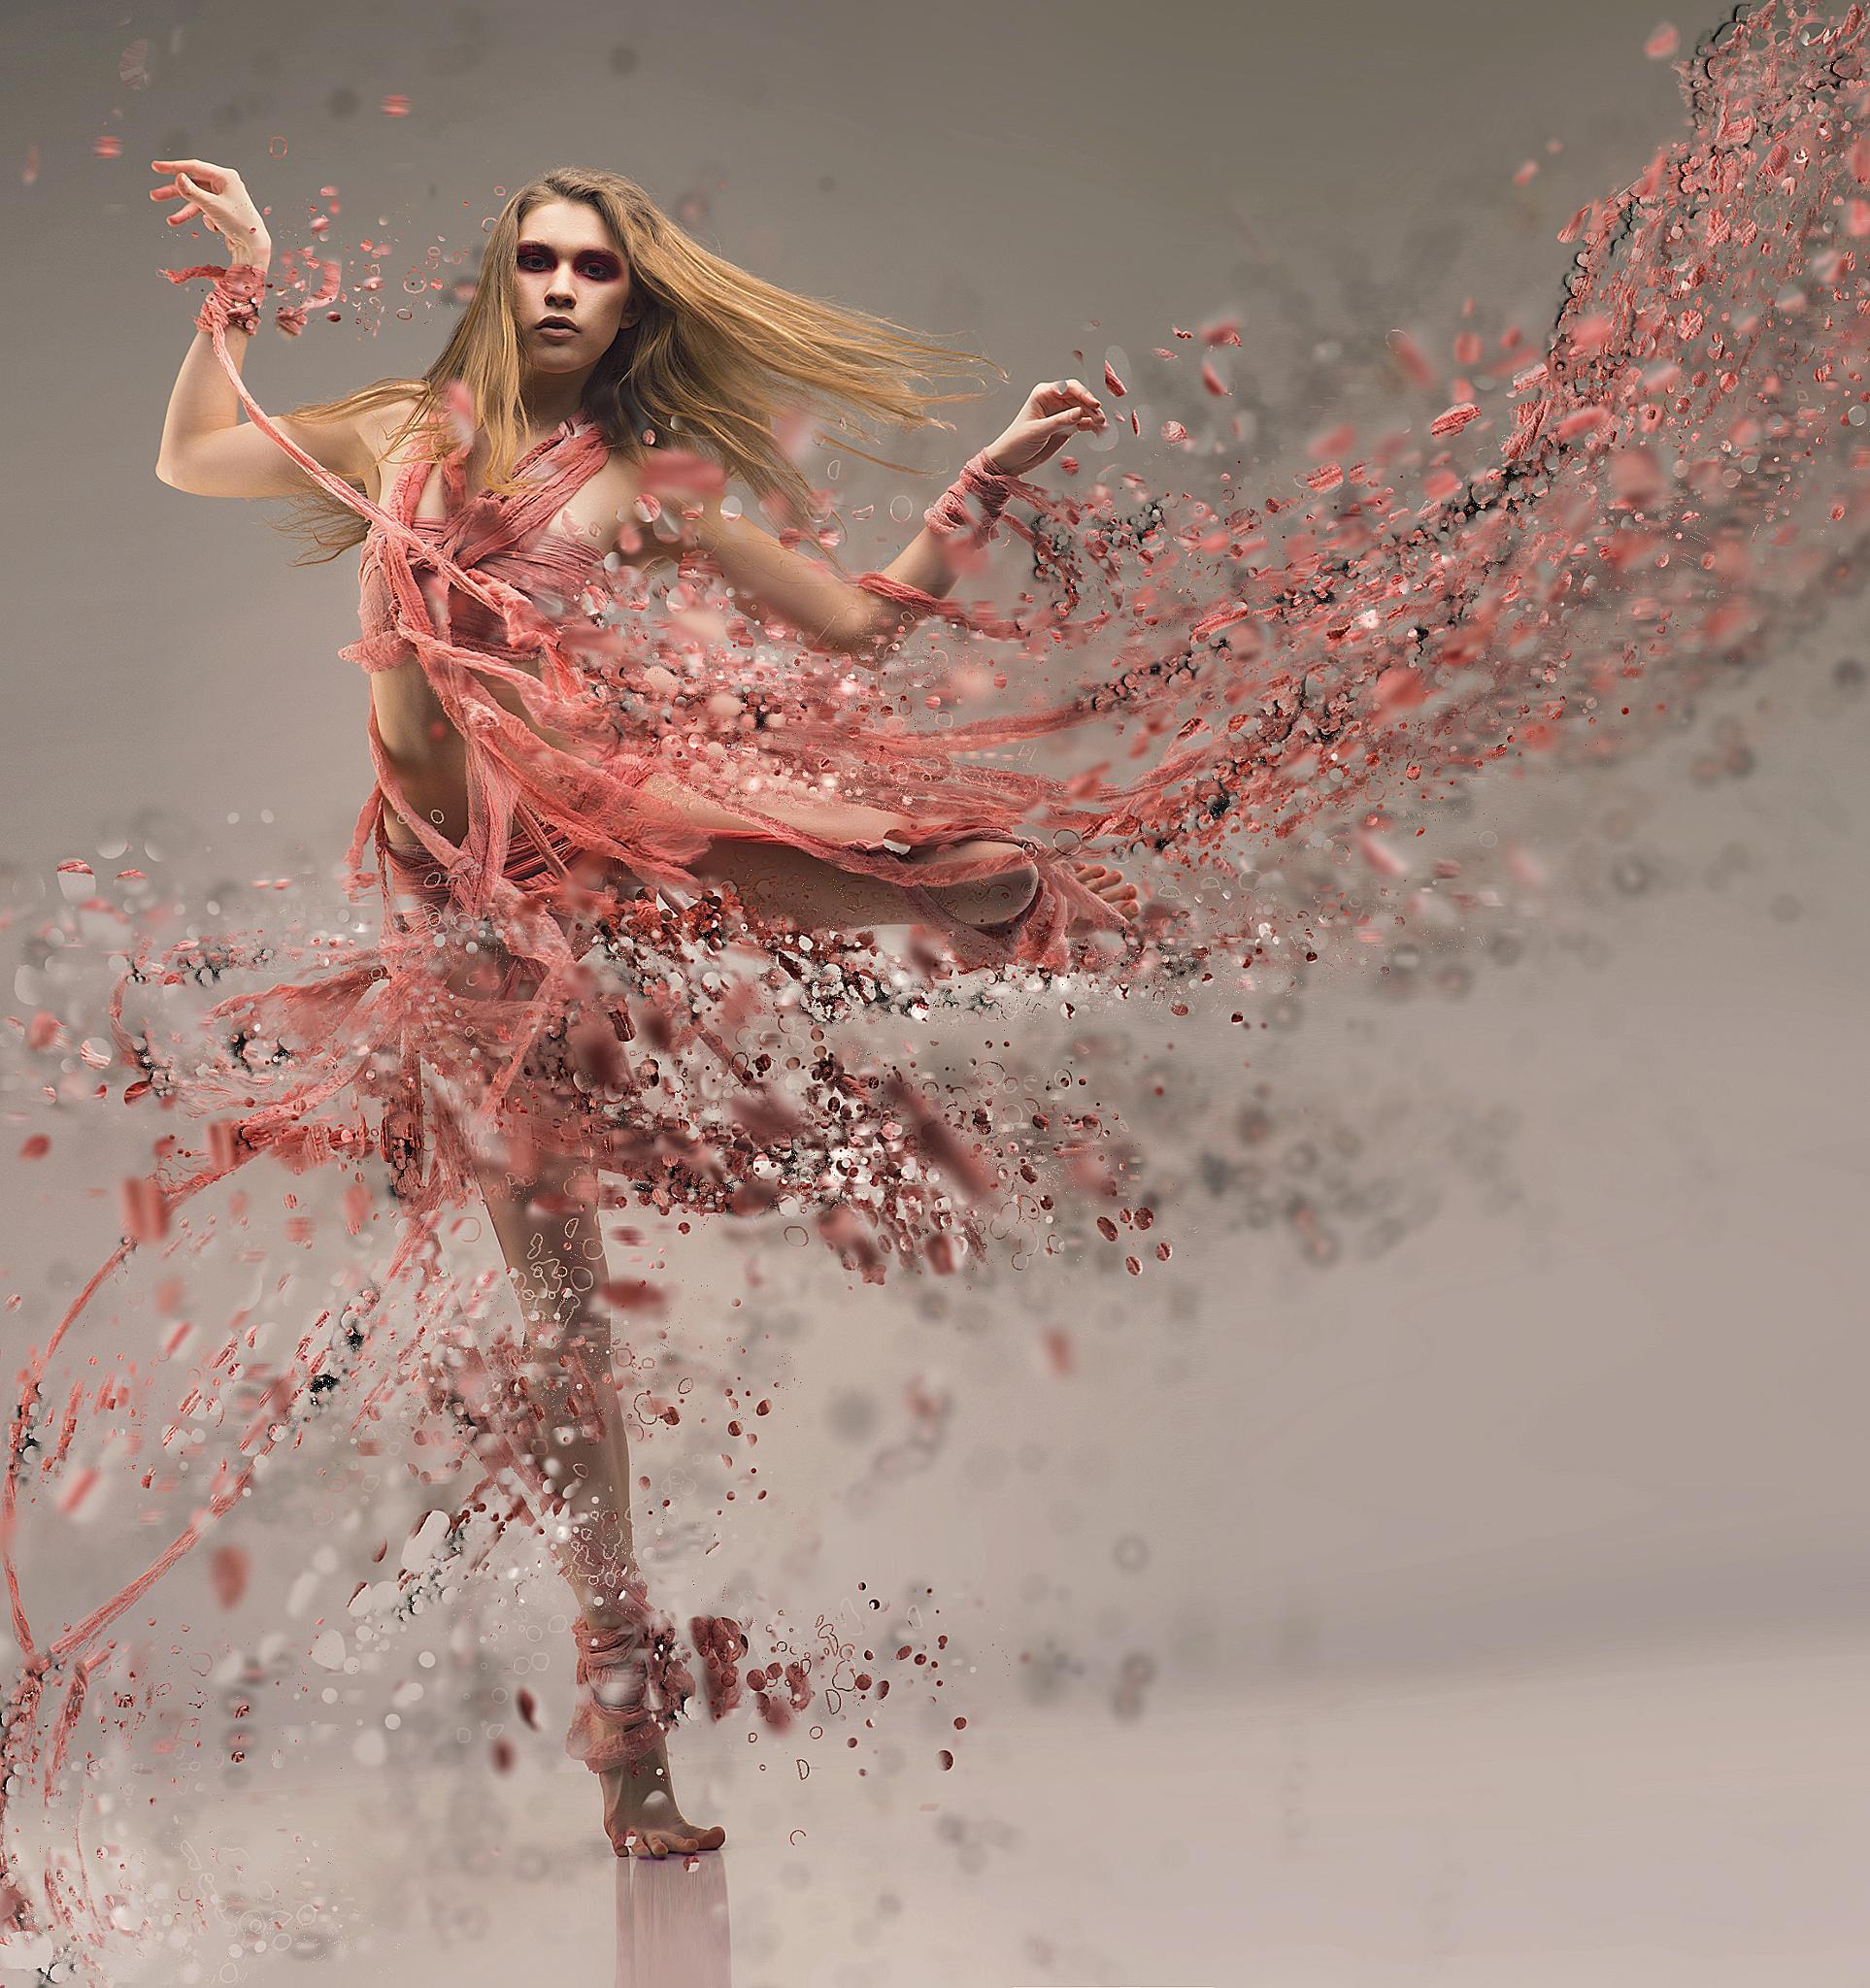 dancer by Peter Braunschmid